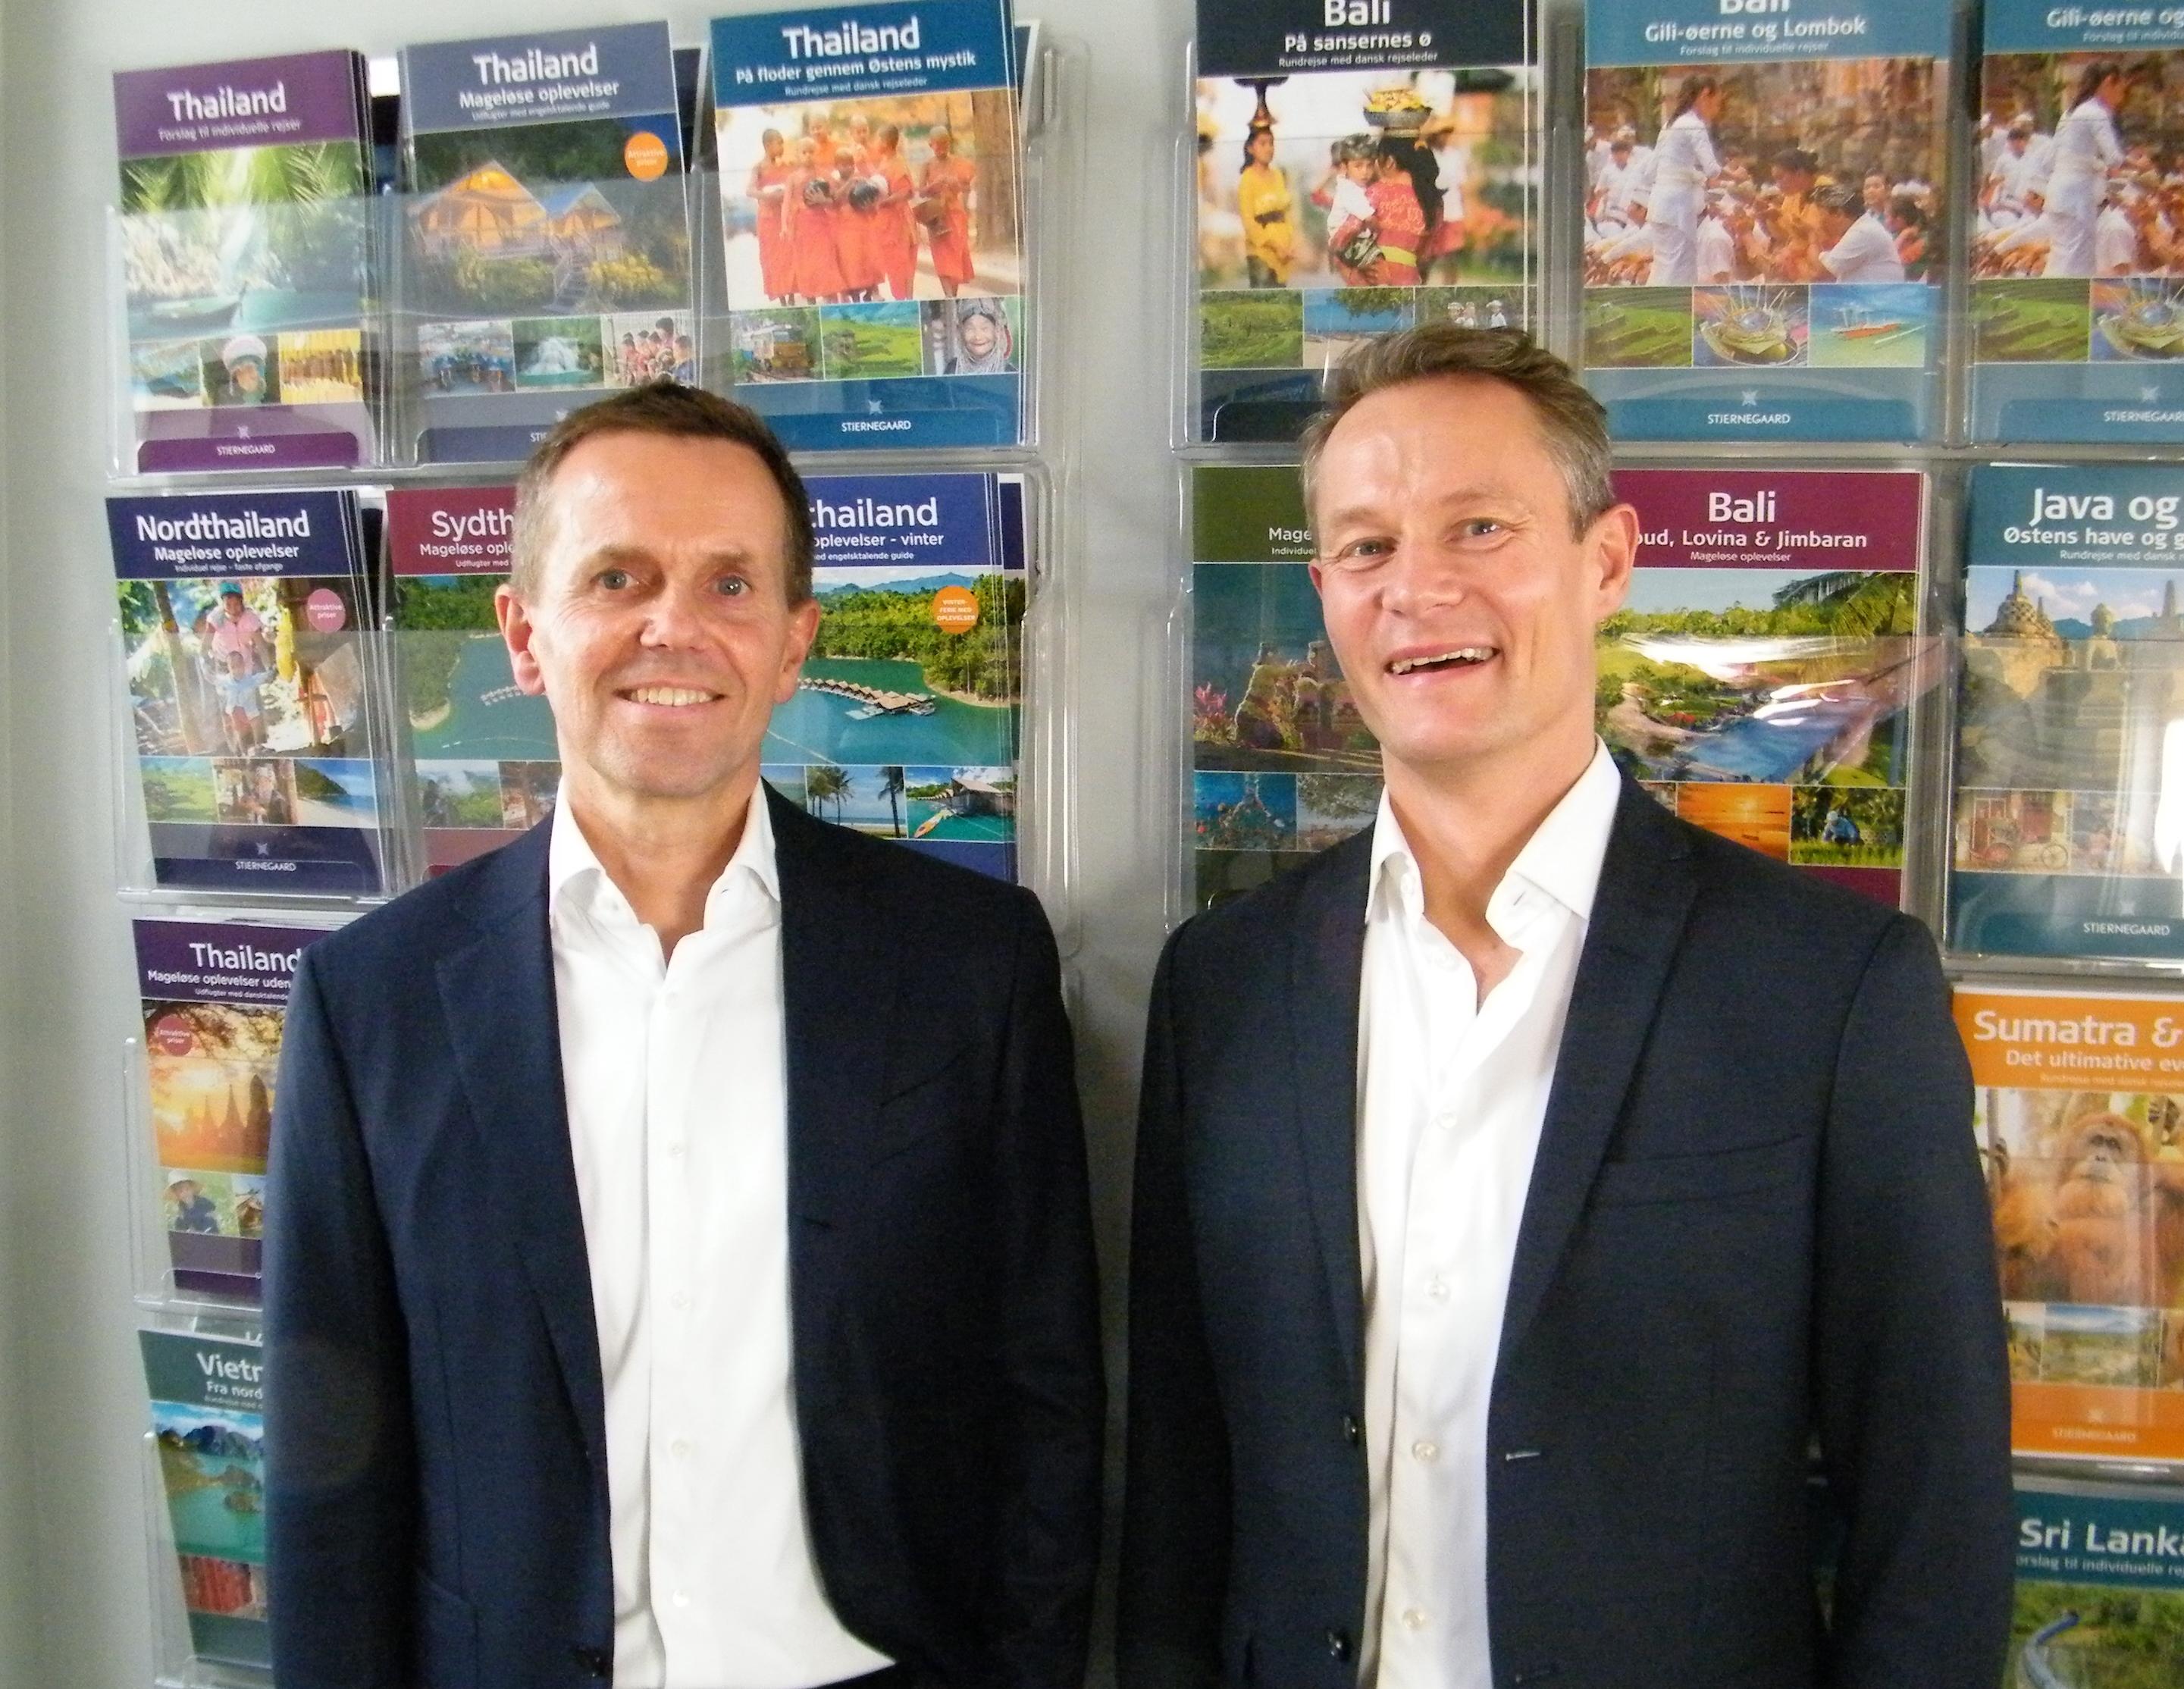 Asger Domino, til venstre, og Peter Nielsen solgte i december sidste år officielt Stjernegaard Rejser til Aller Leisure for muligvis 175-180 millioner kroner. Foto: Henrik Baumgarten.